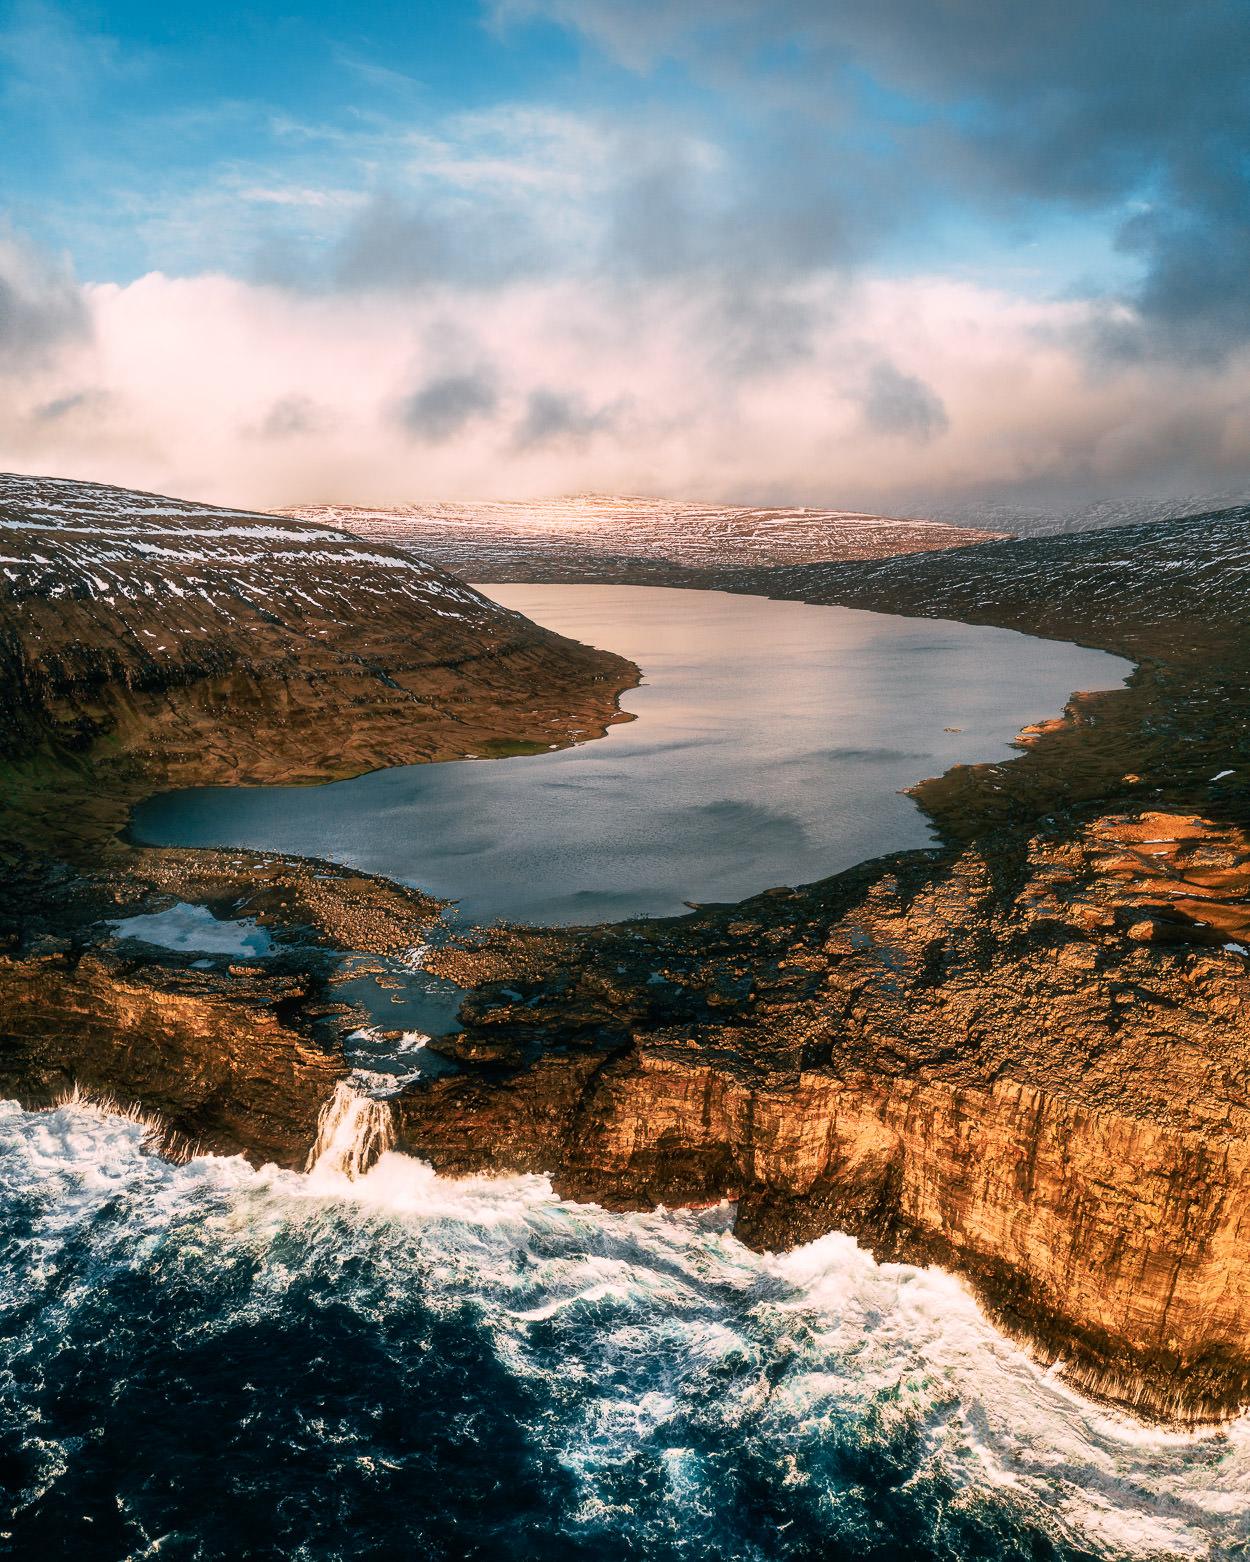 2019.02.07_Faroe_Traelanipa_Hike_Mavic-0001-8-Pano-Edit.jpg